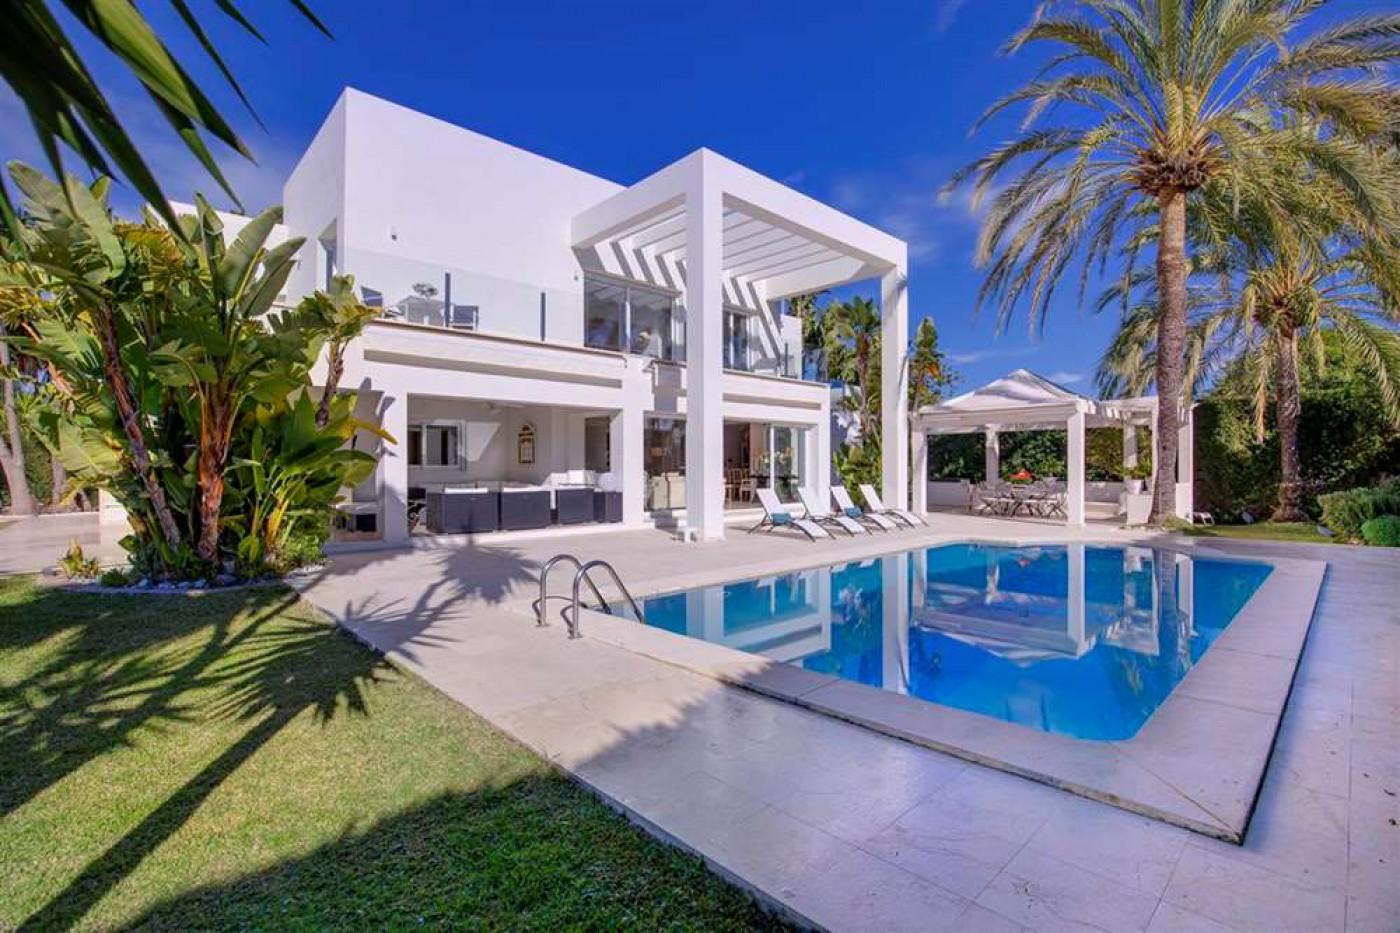 villa en marbella · guadalmina-baja 2400000€